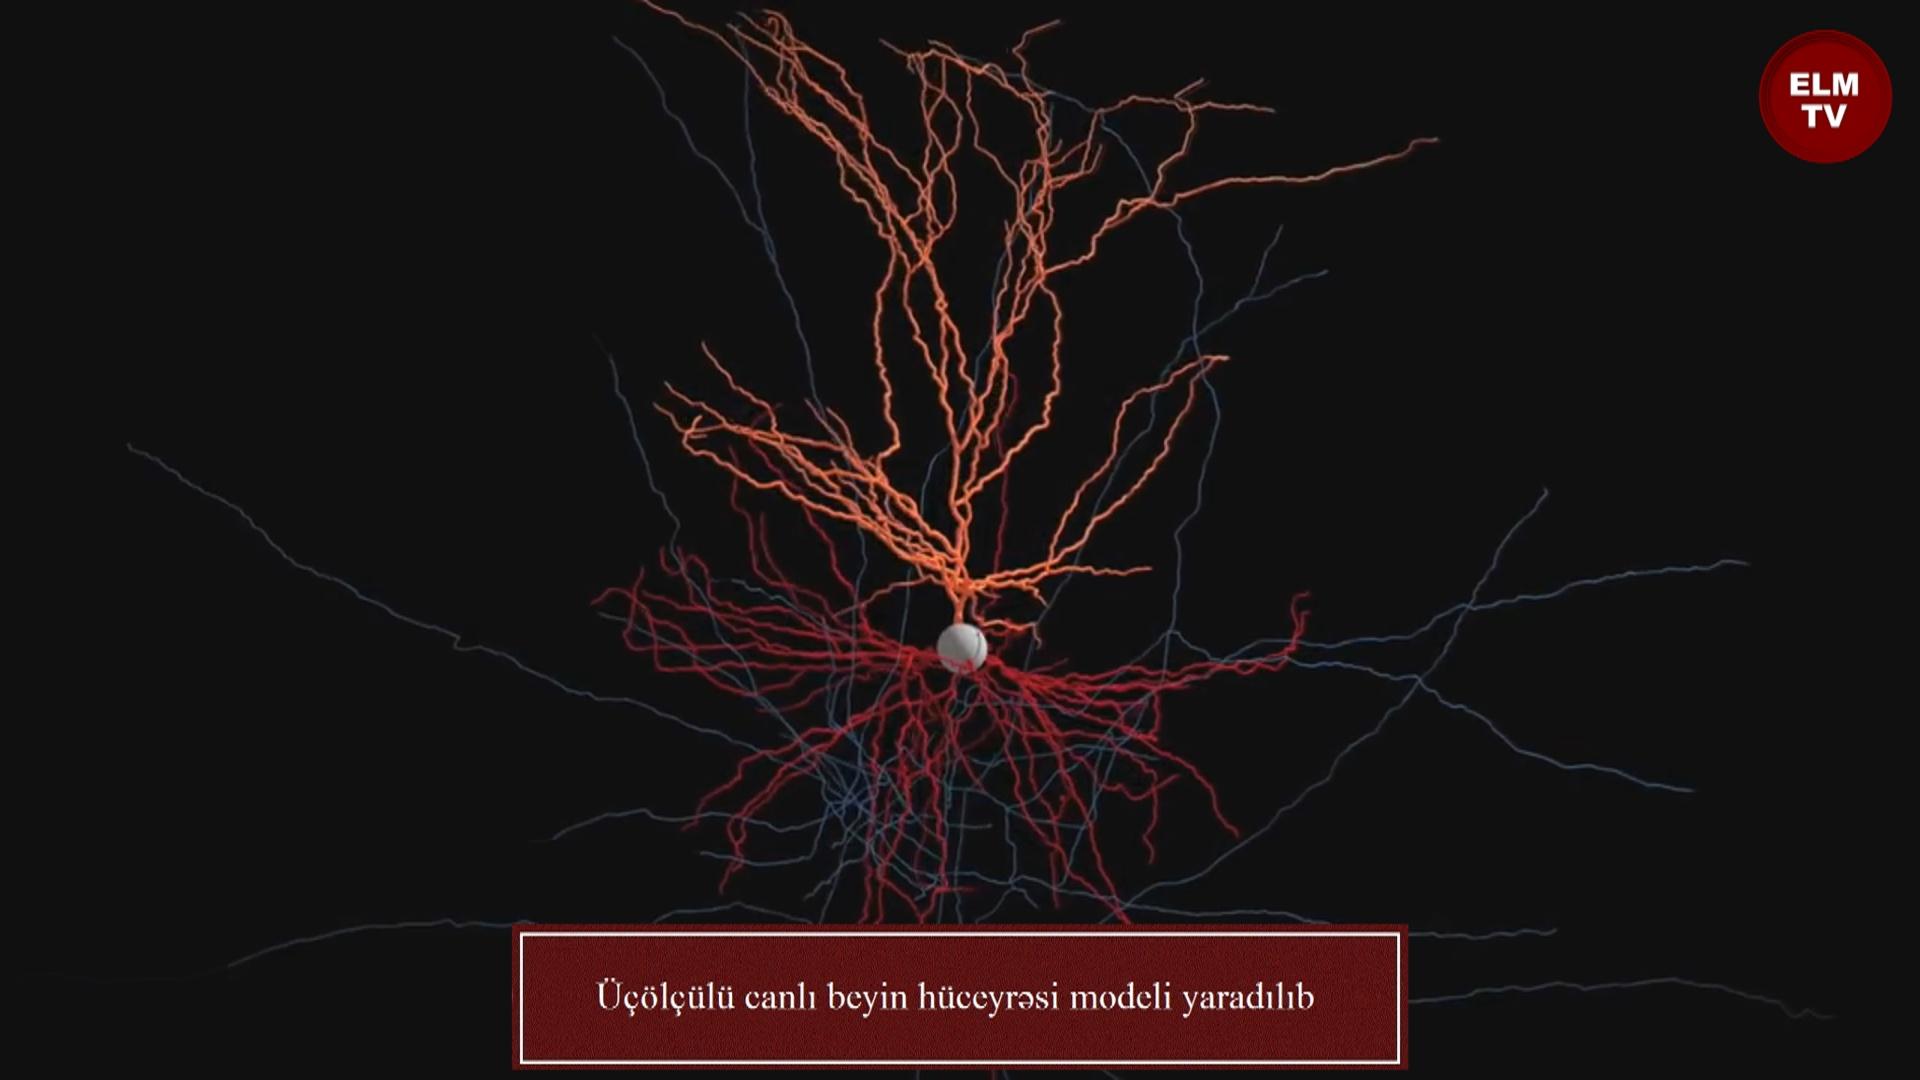 Üçölçülü canlı beyin hüceyrəsi modeli yaradılıb